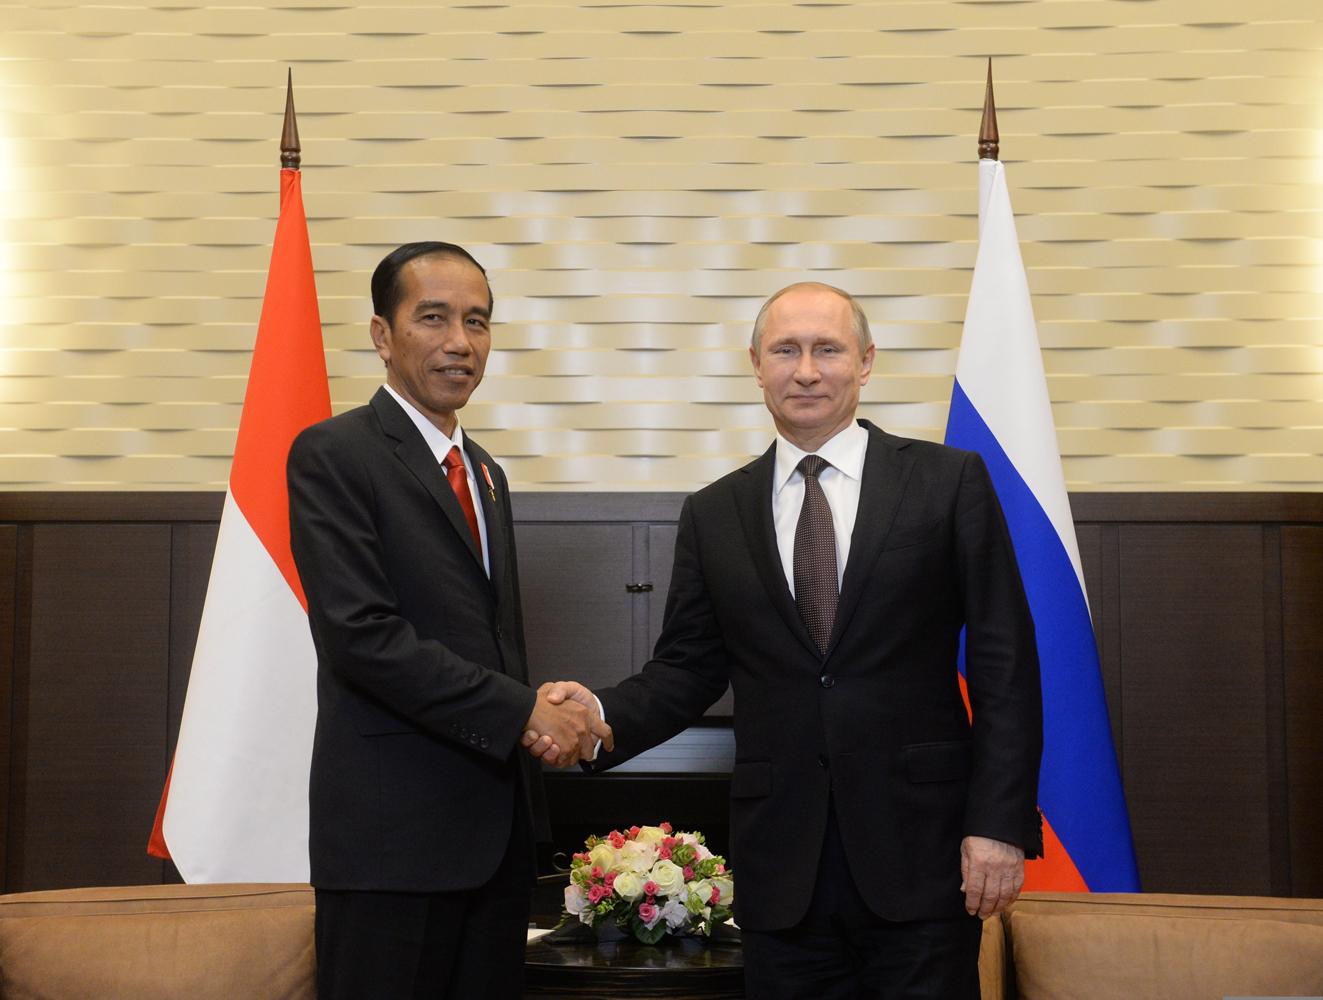 Rusia dan Indonesia telah menandatangani kesepakatan perukaran informasi intelijen dan meningkatkan kontak antarlembaga penegak hukum.